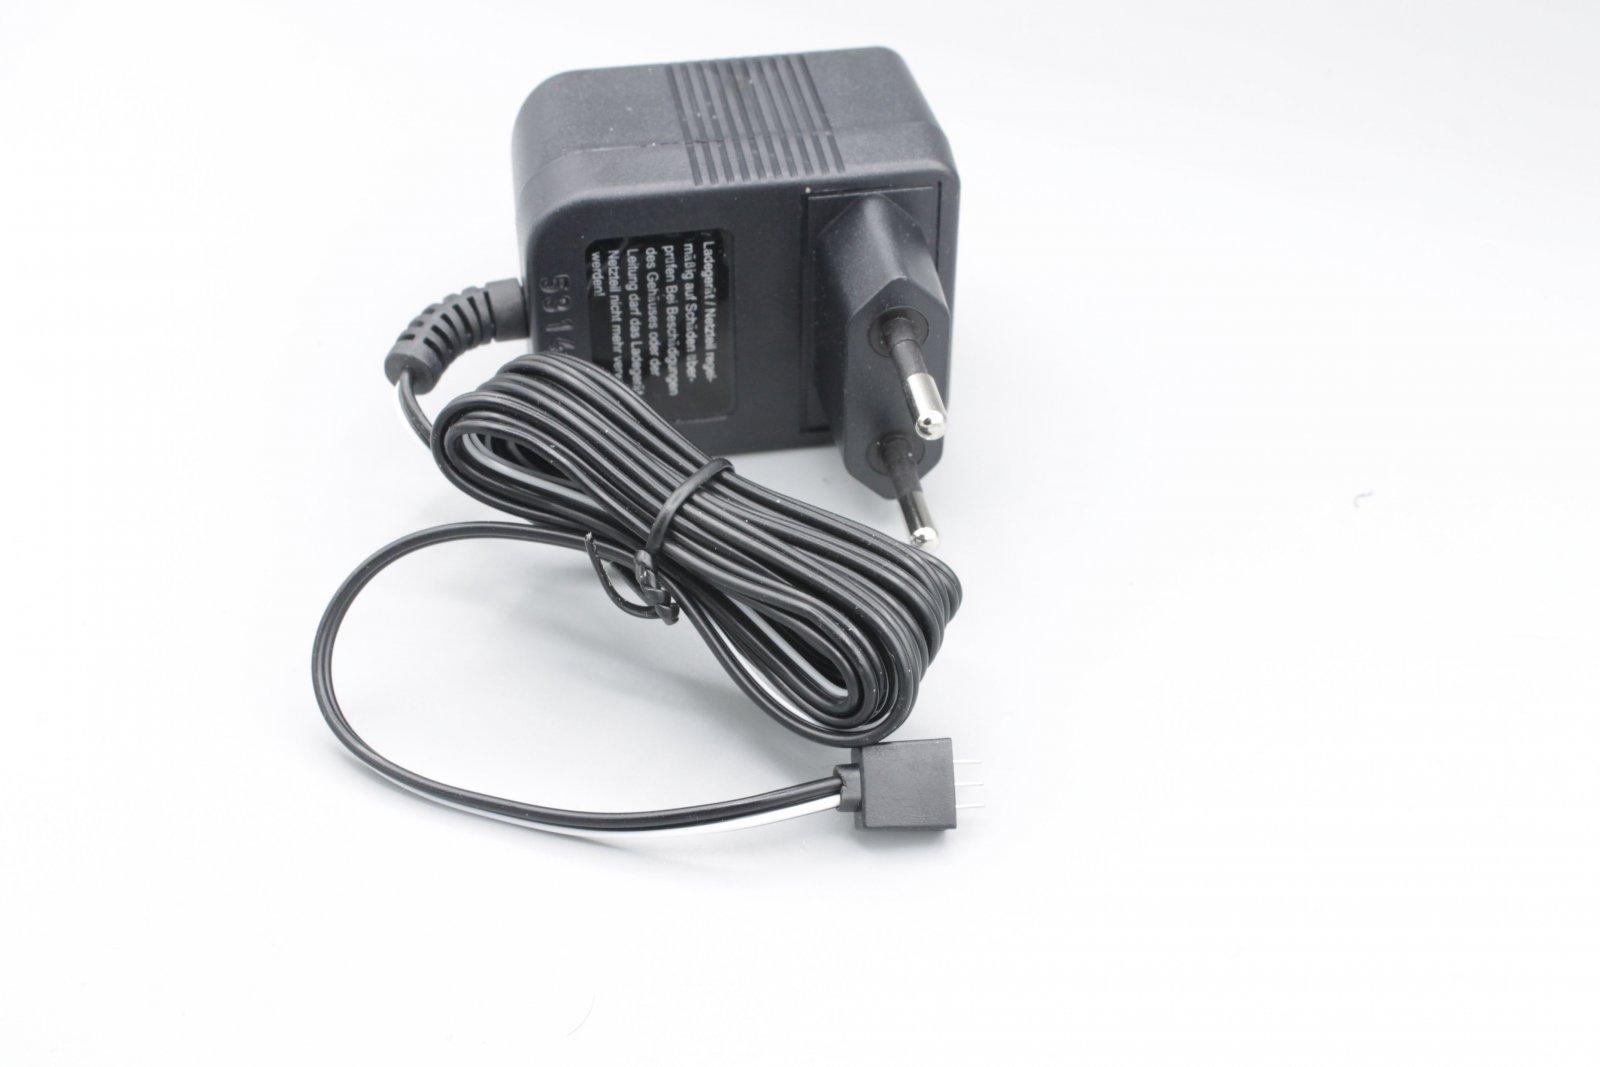 FALLER 161690 Car System Akku-Ladegerät (230 V) aus Startset - Neu